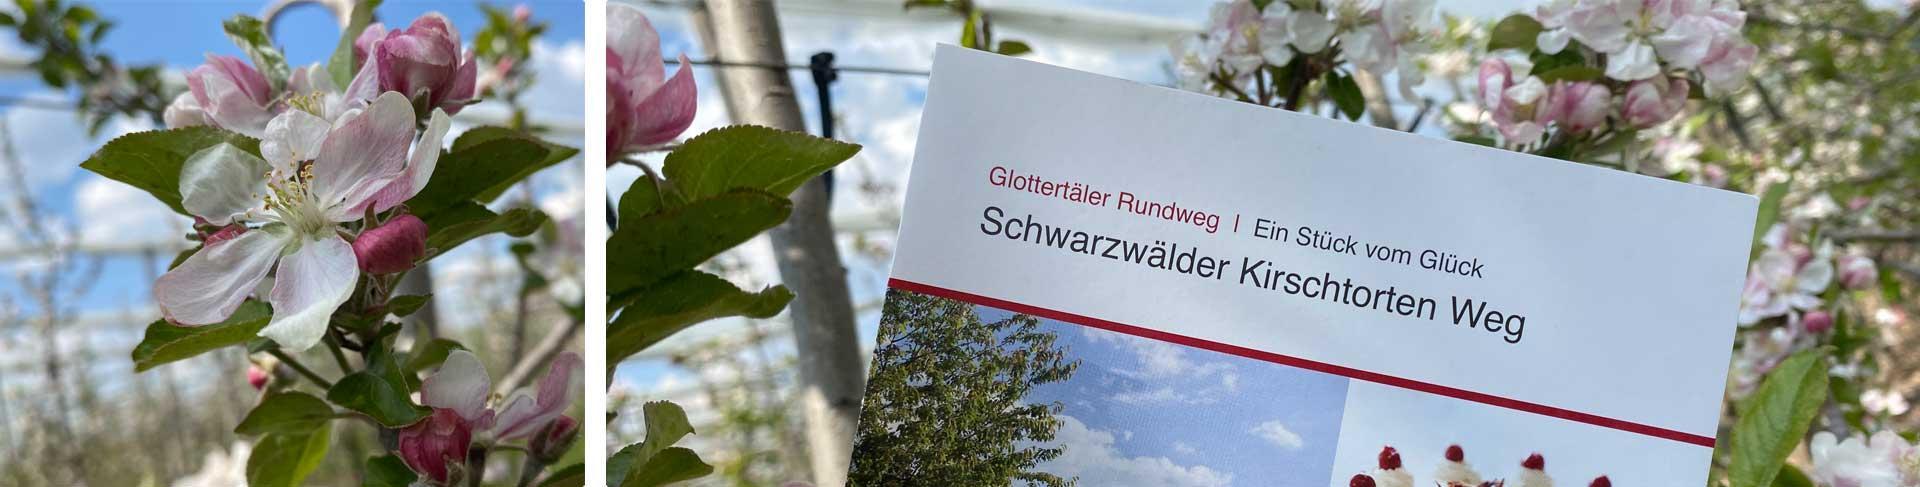 Flyer vom Schwarzwälder Kirschtorten Weg mit Kirschblüten im Hintergrund